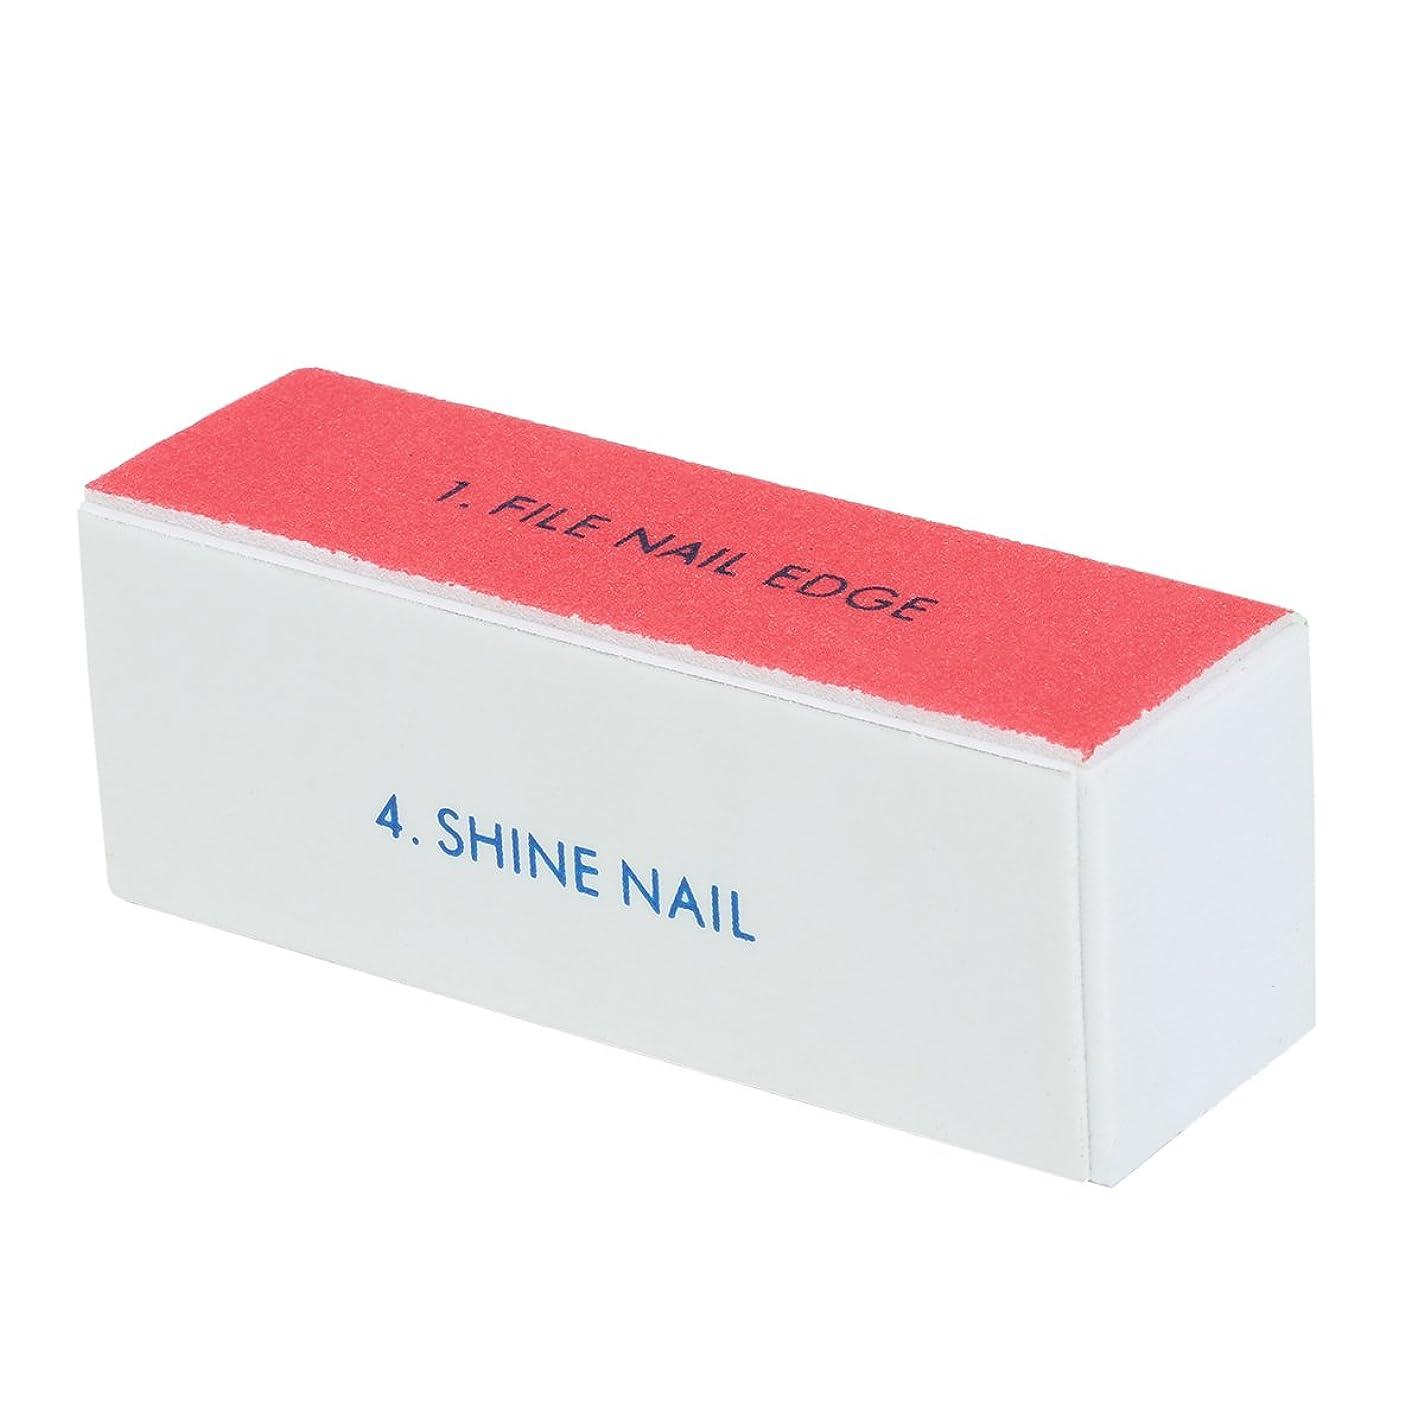 Goshang ブロックバッファー 爪やすり 爪磨き 4面ブロックバッファー ネイルシャイン ネイルケア